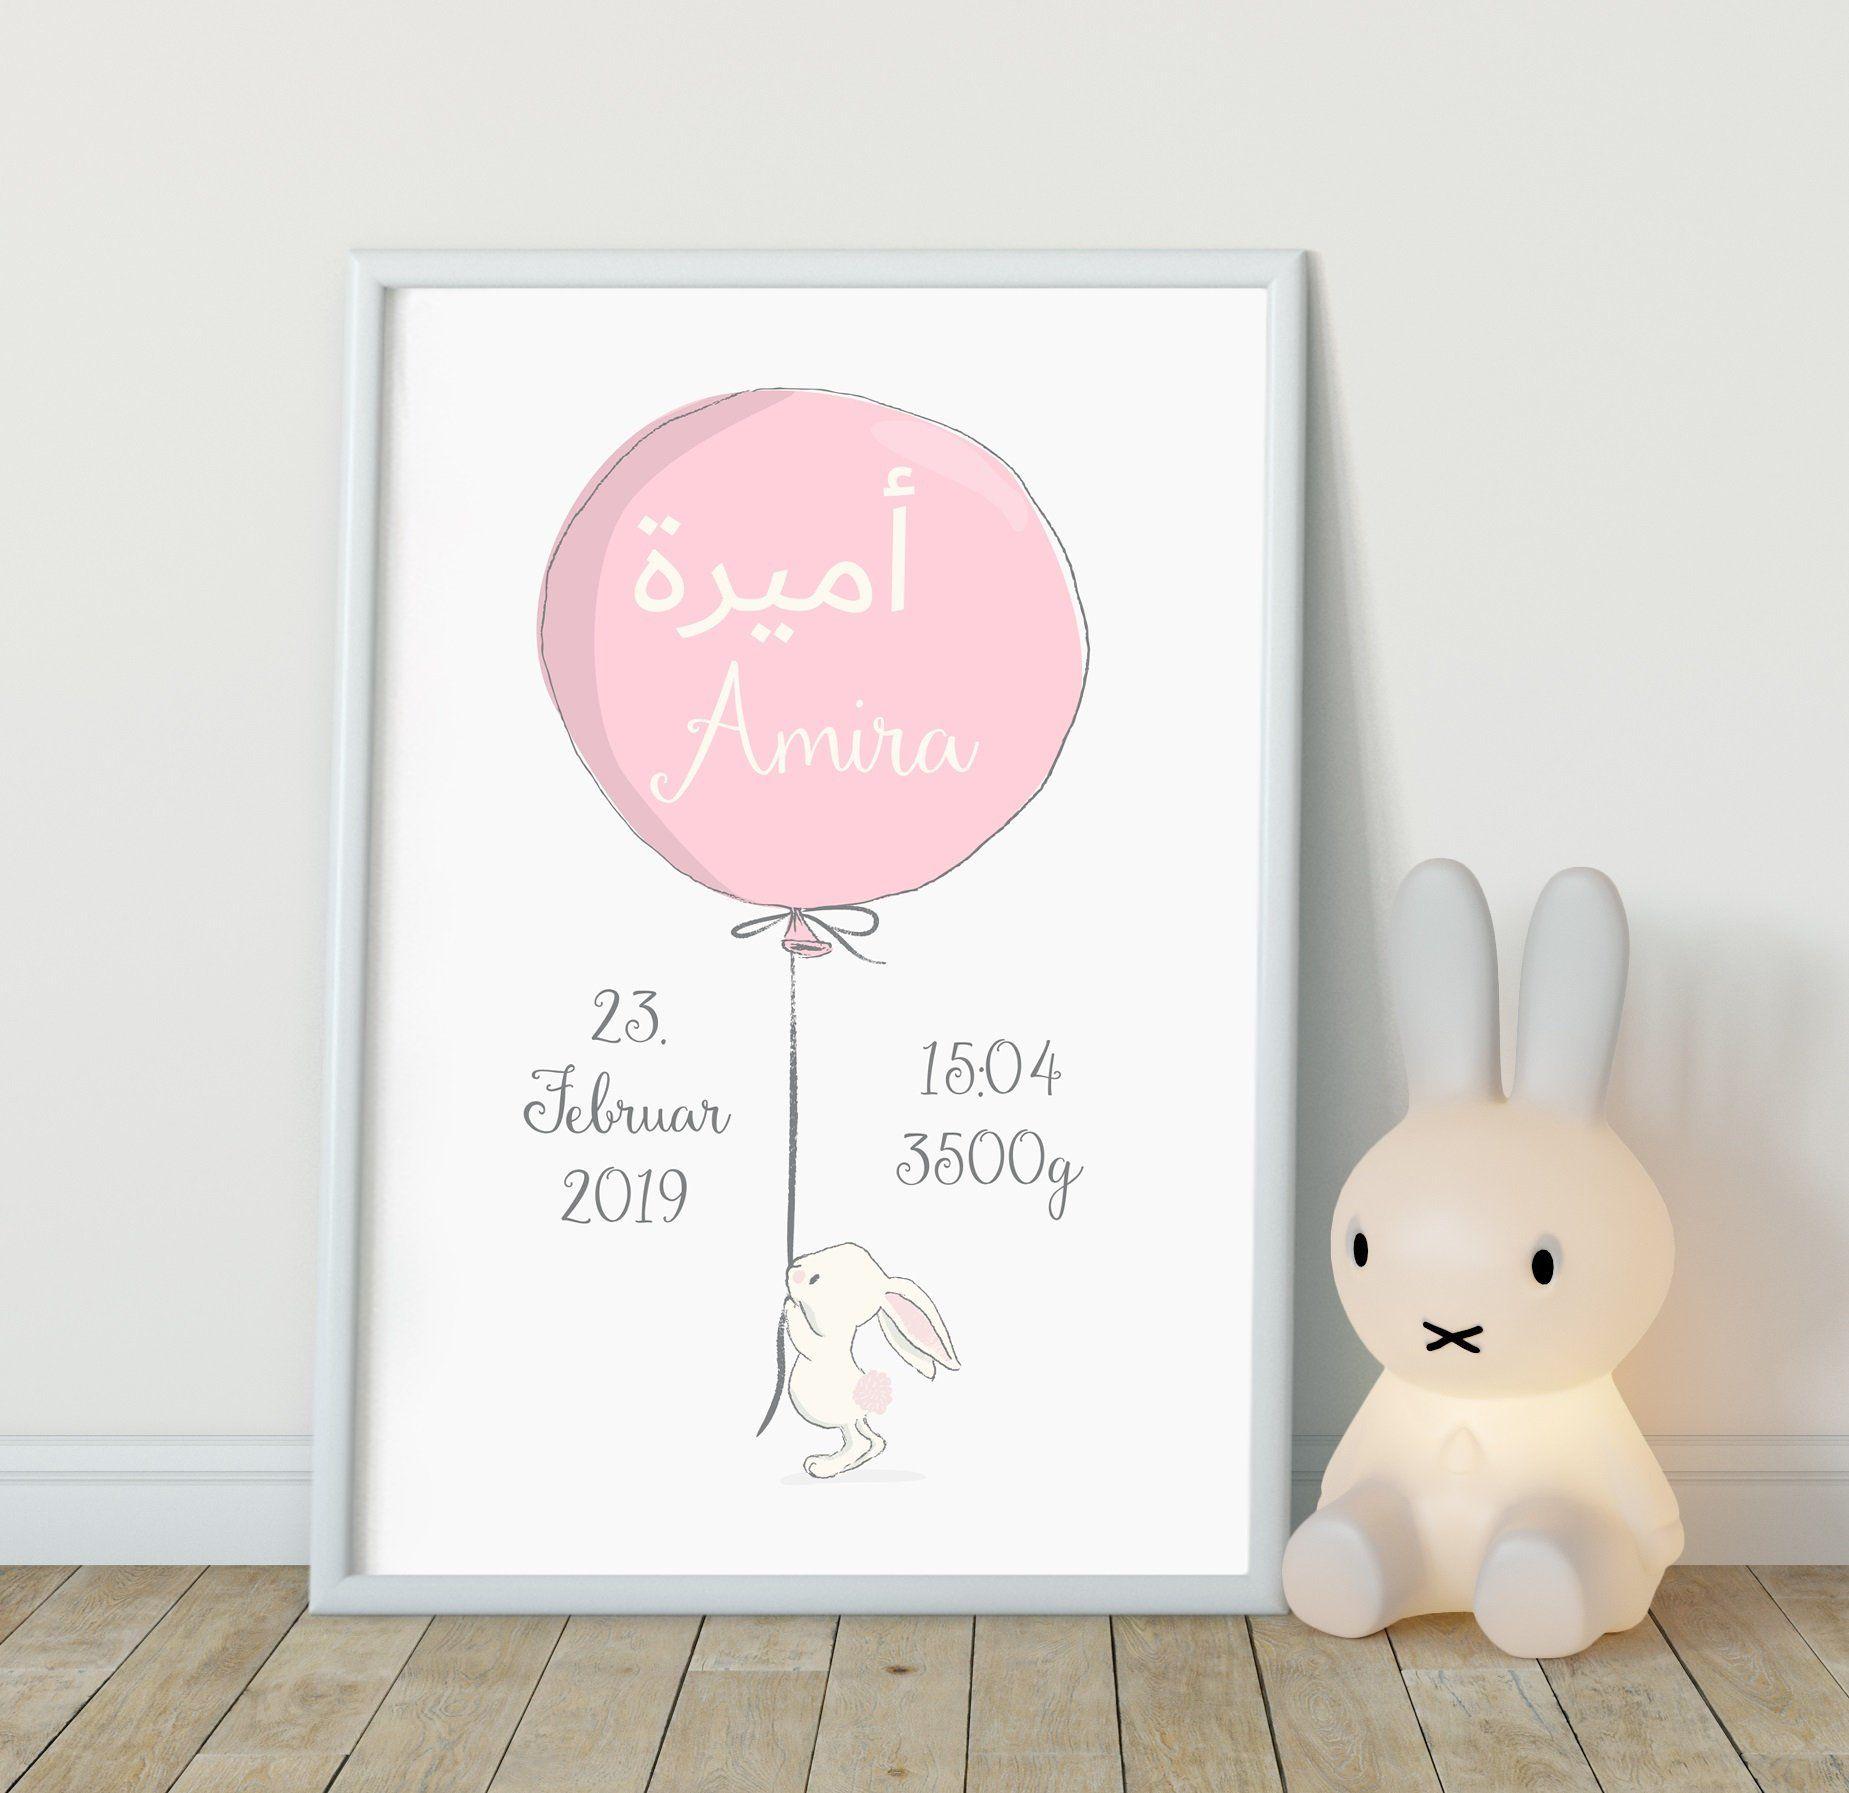 Hasen Haschen Geburtsanzeige Islamisches Kinderposter Arabisch Ballon Madchen Jungs Geburtsbild Personalisiert Namensbild Place Card Holders Poster Pictures Prints